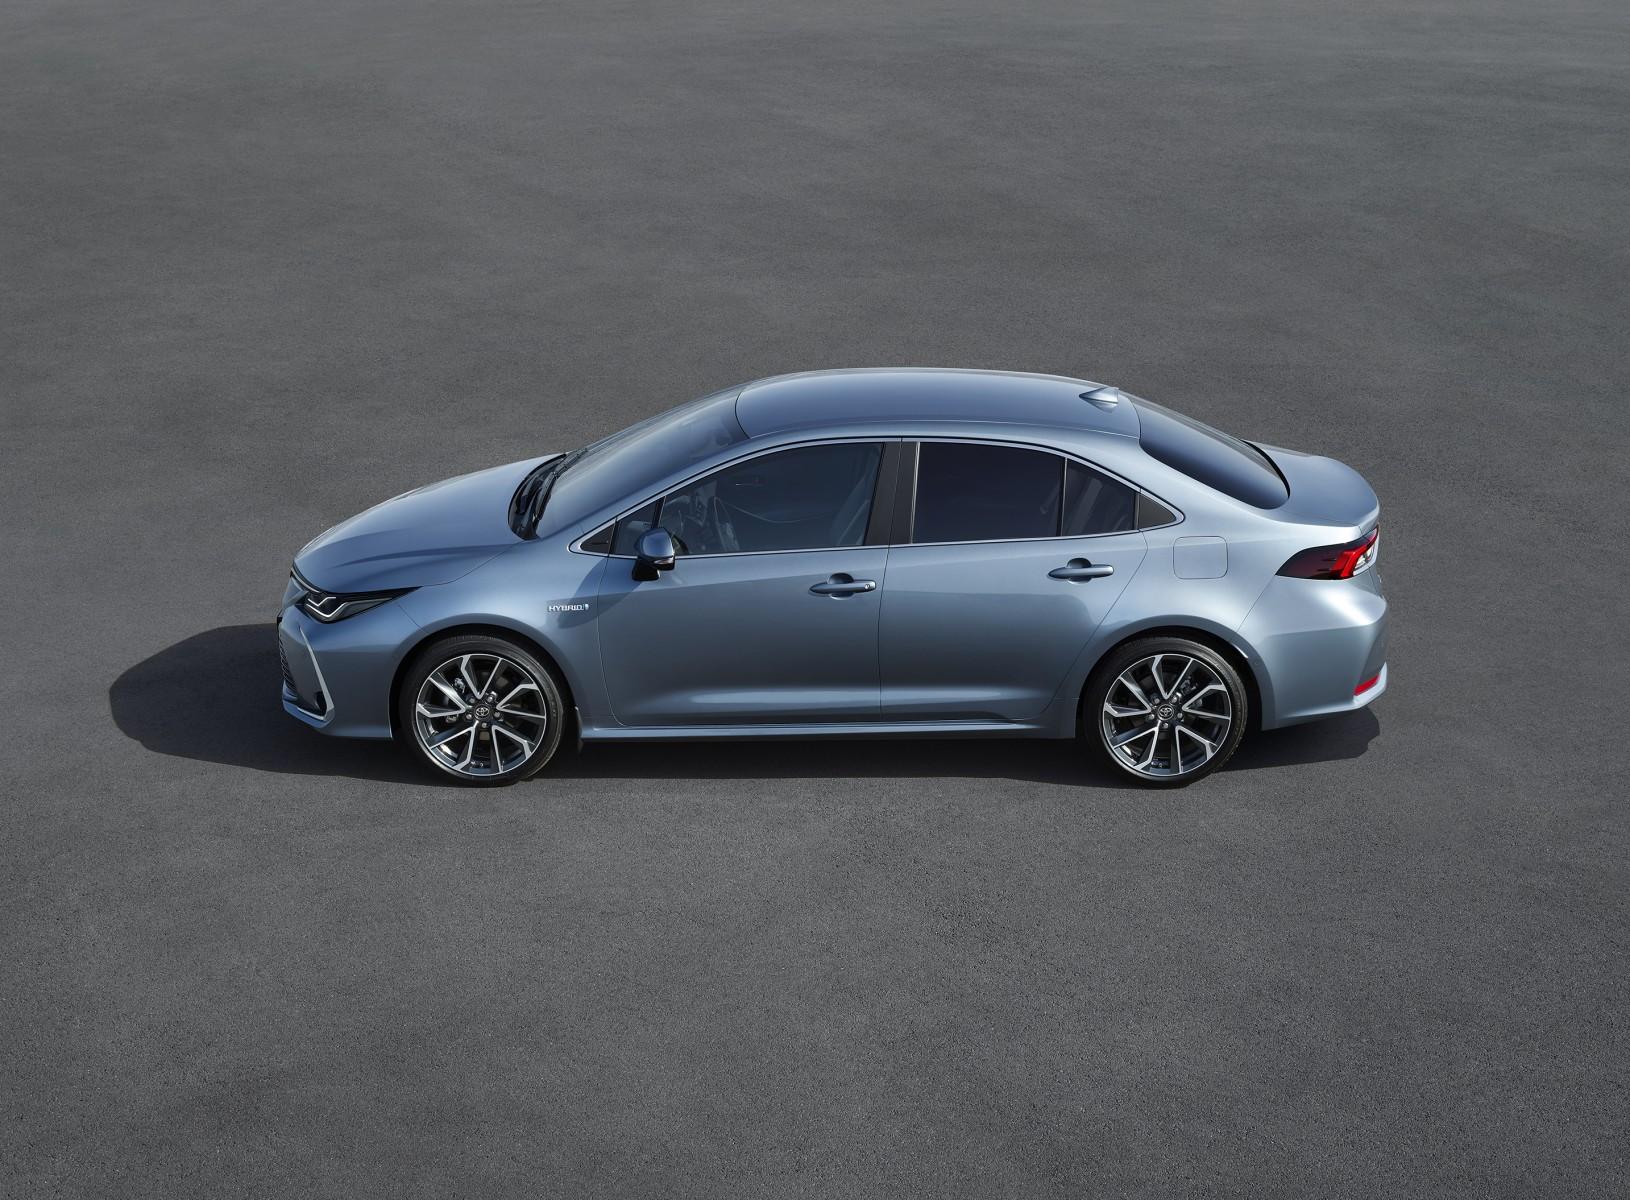 Kelebihan Toyota Corolla 2019 Sedan Spesifikasi